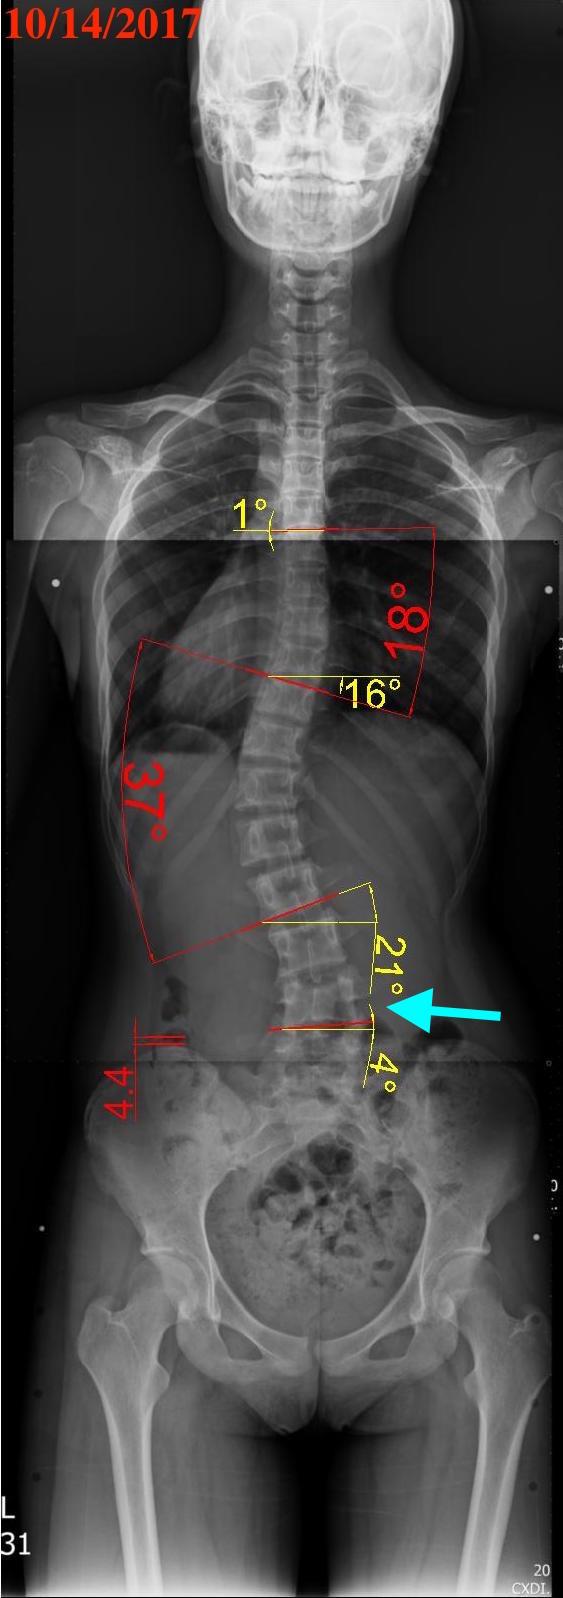 解決骨盆歪斜可否連帶矯正腰椎側彎? - 閻曉華脊骨神經醫學網